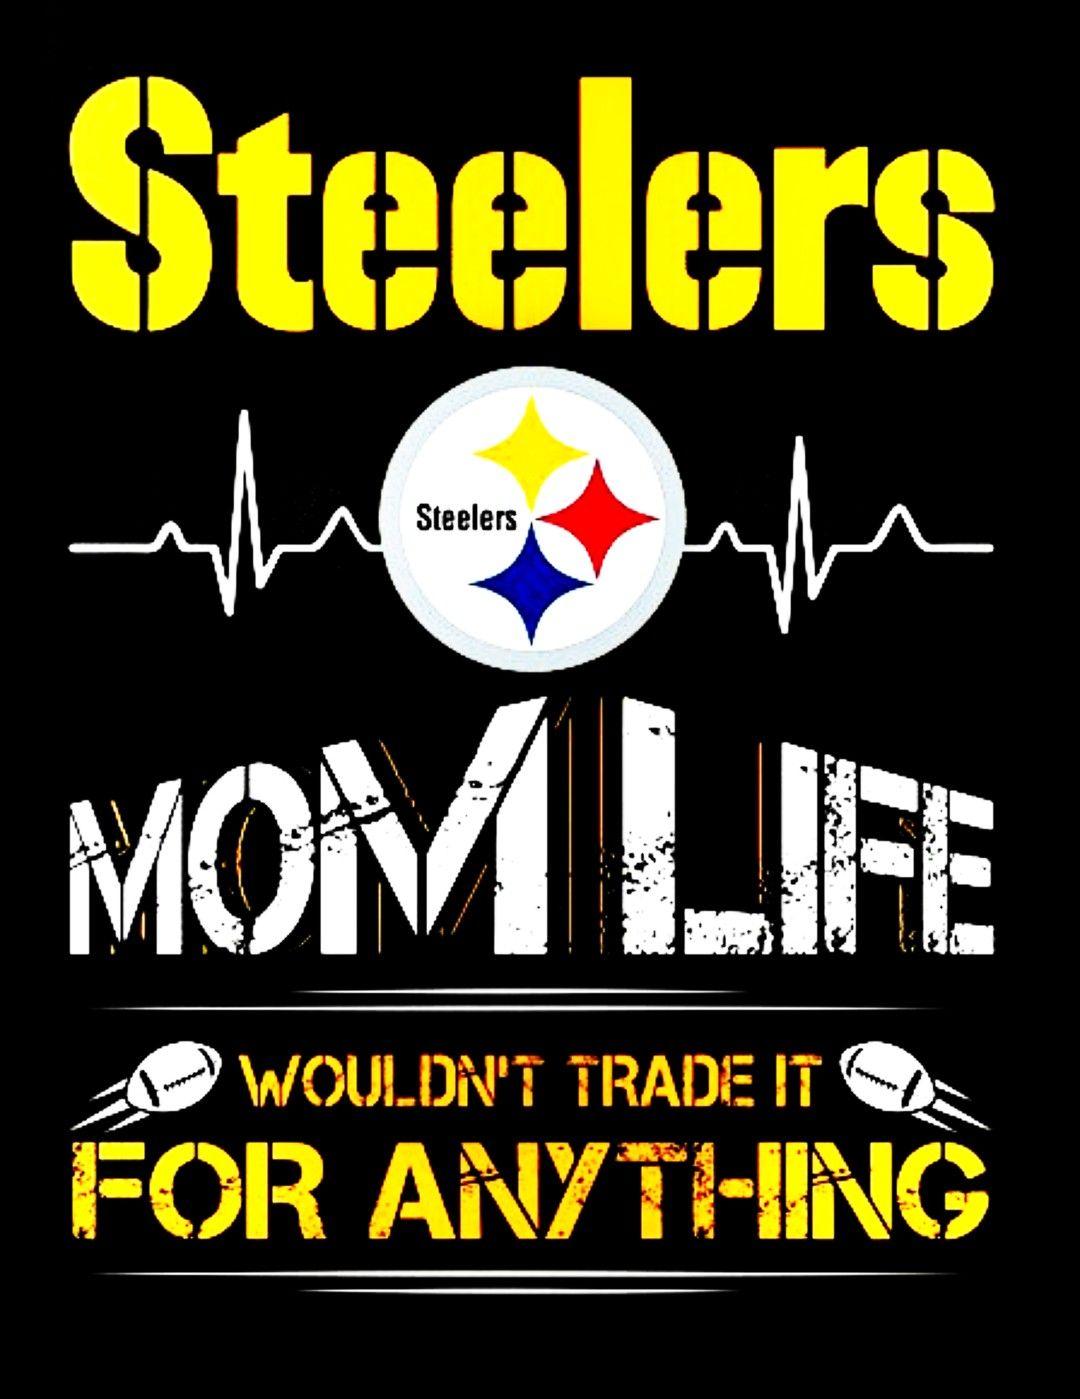 Pin by Margarita Gedman on PRSteelersGirl! Pittsburgh